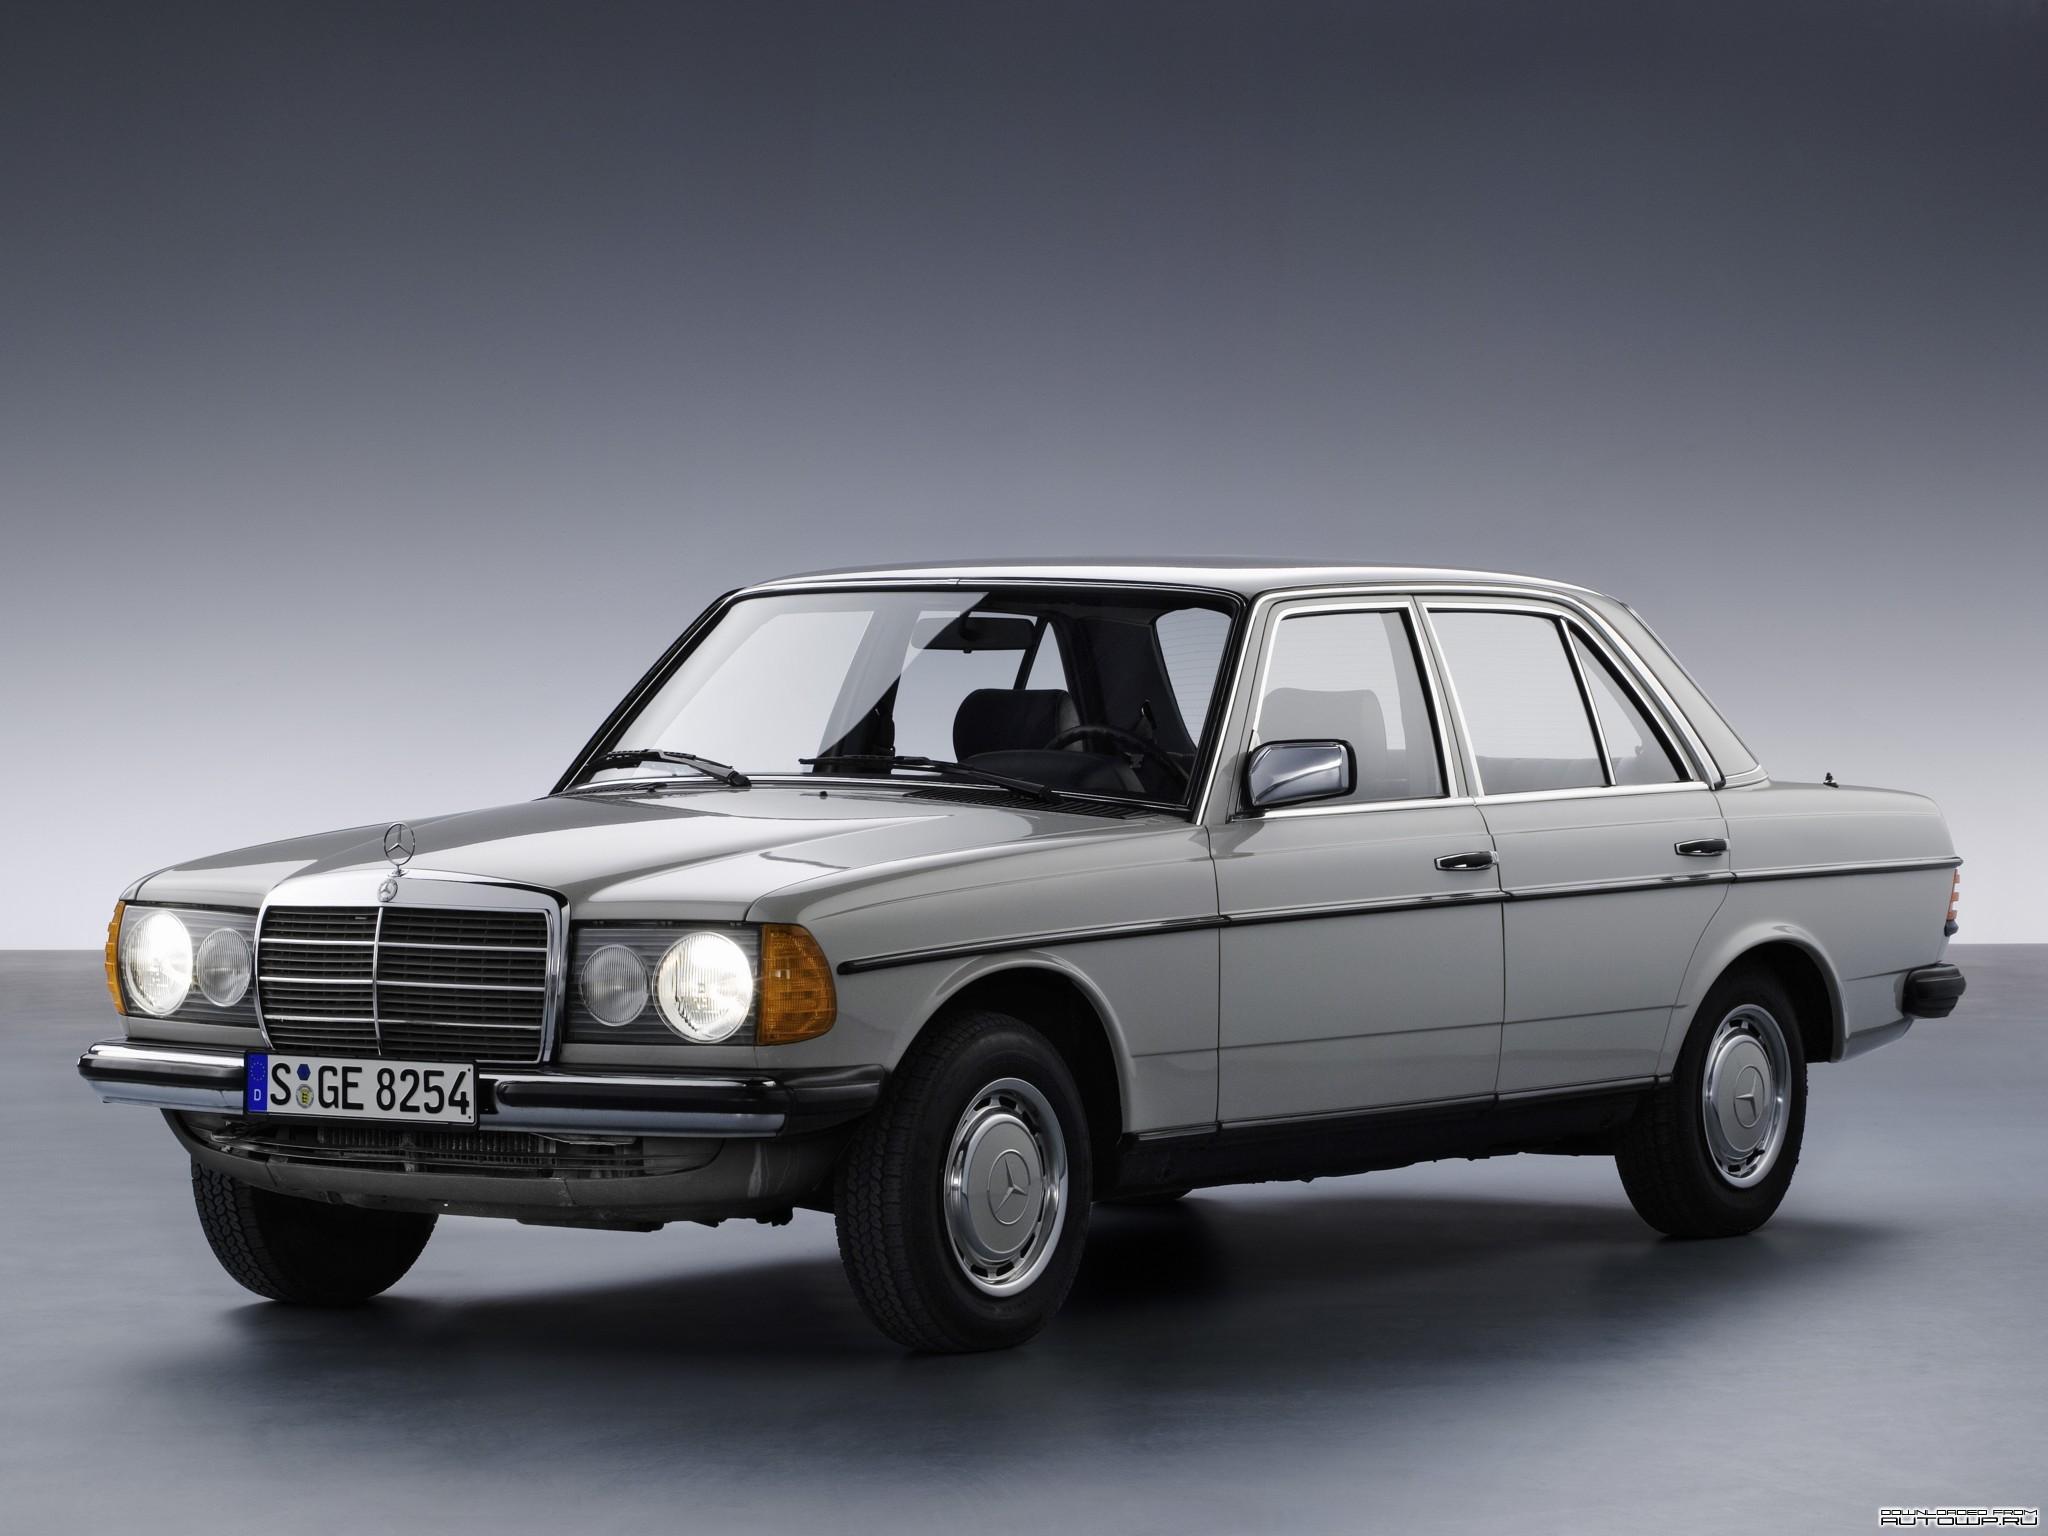 Mercedes_Benz-E_Class_W123_mp35_pic_7661